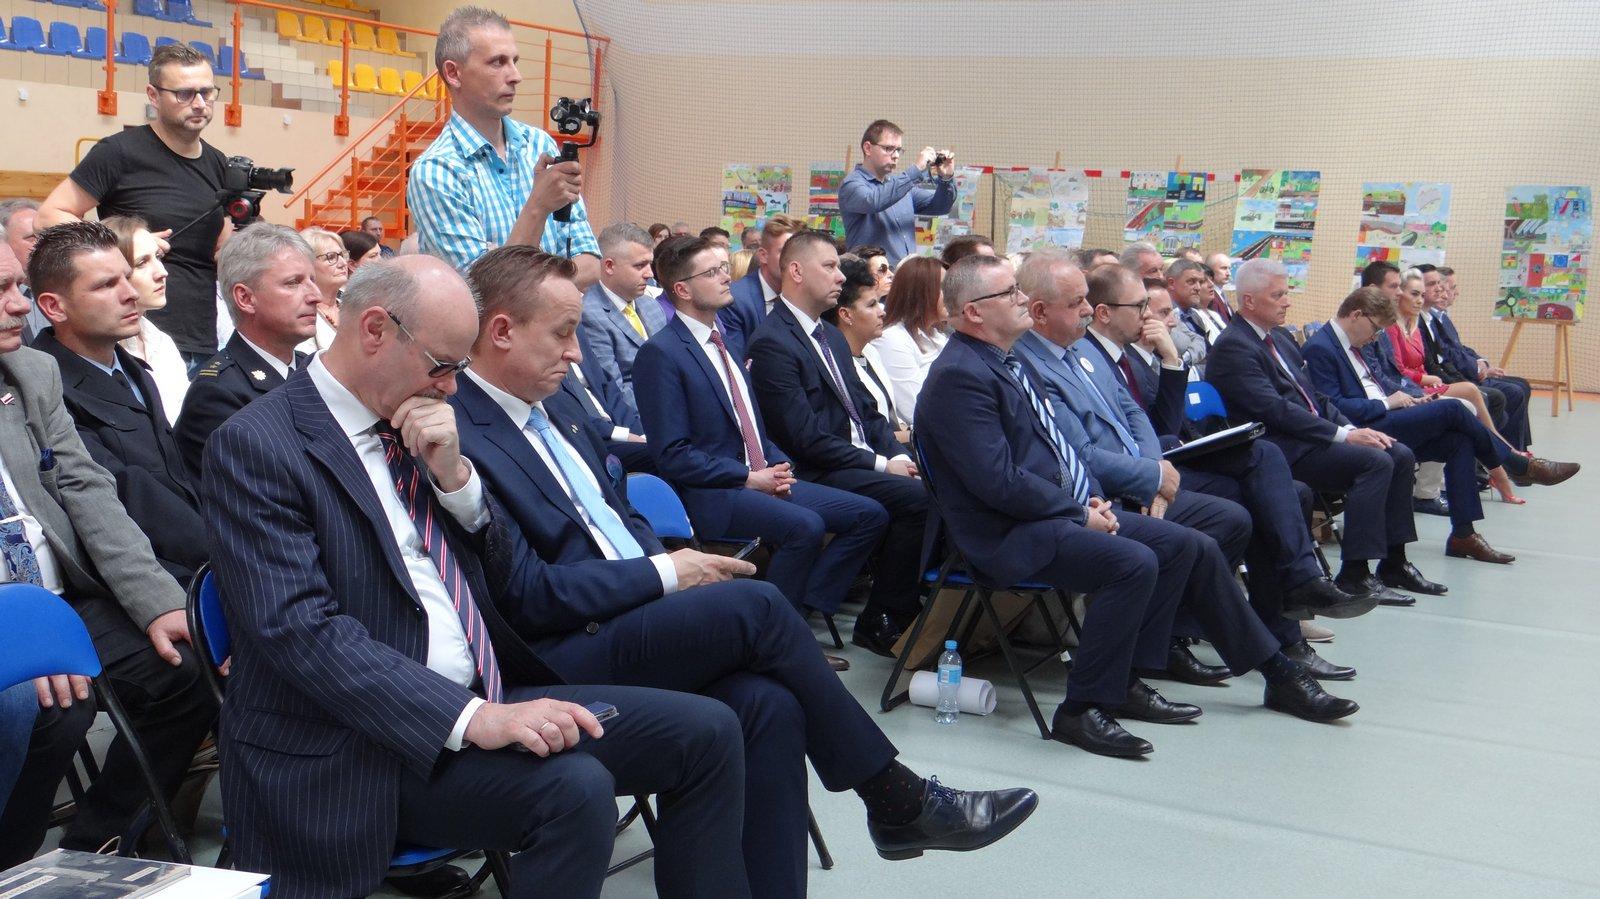 dsc09462 - Wielkopolska zaradność i pracowitość doceniona na Forum Wielkopolskiej Wsi Europejskiej